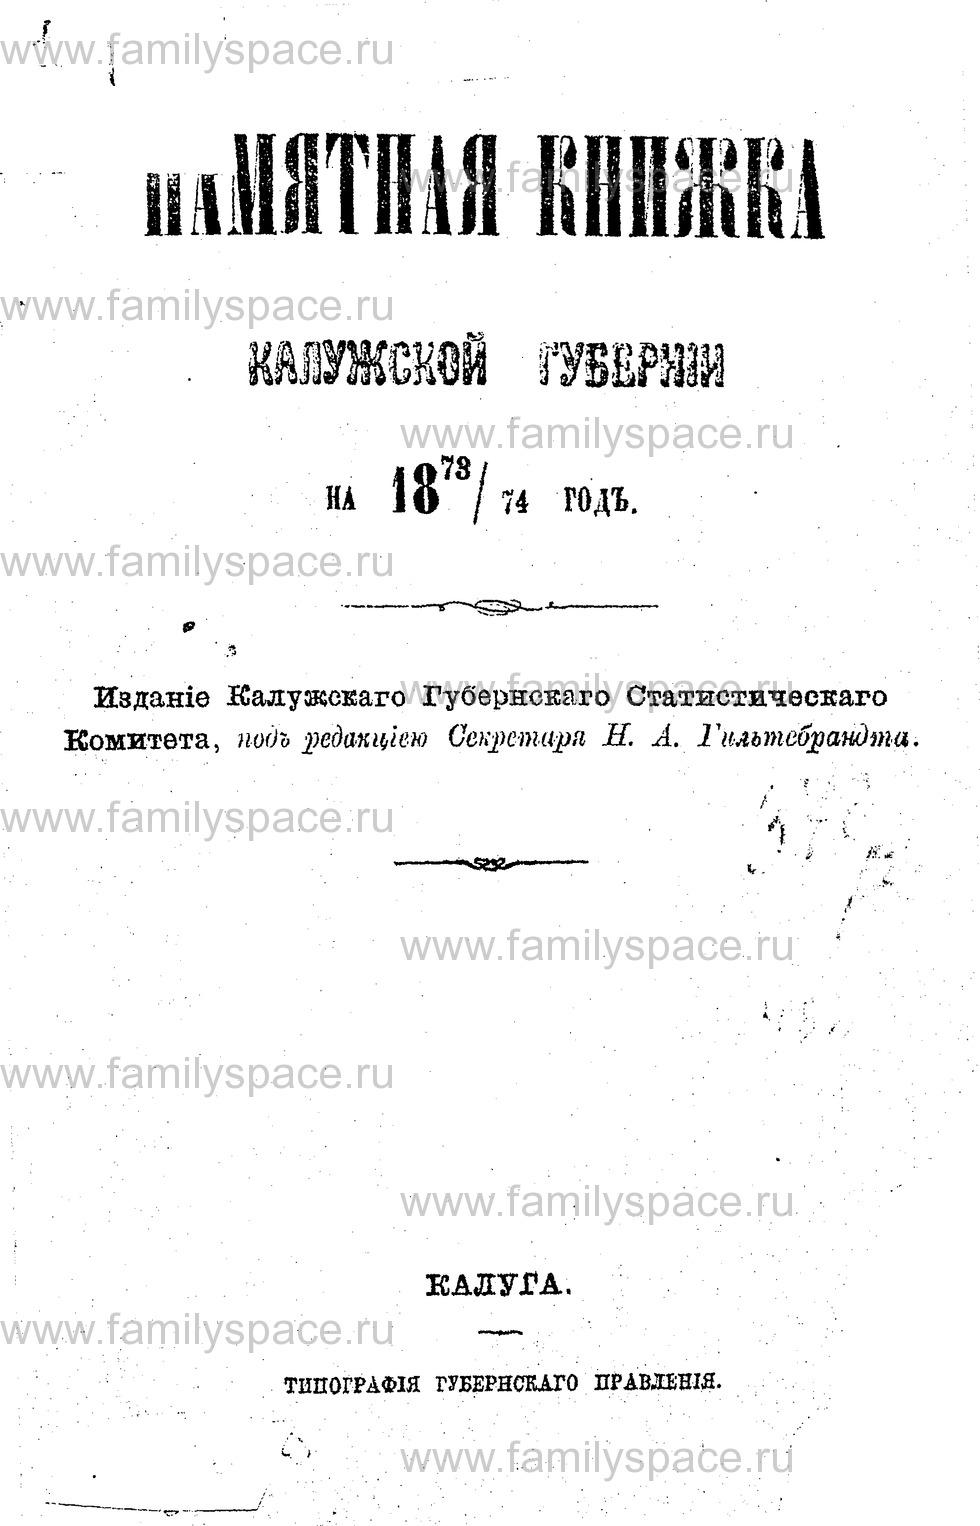 Поиск по фамилии - Памятная книжка Калужской губернии на 1873 г, страница 1